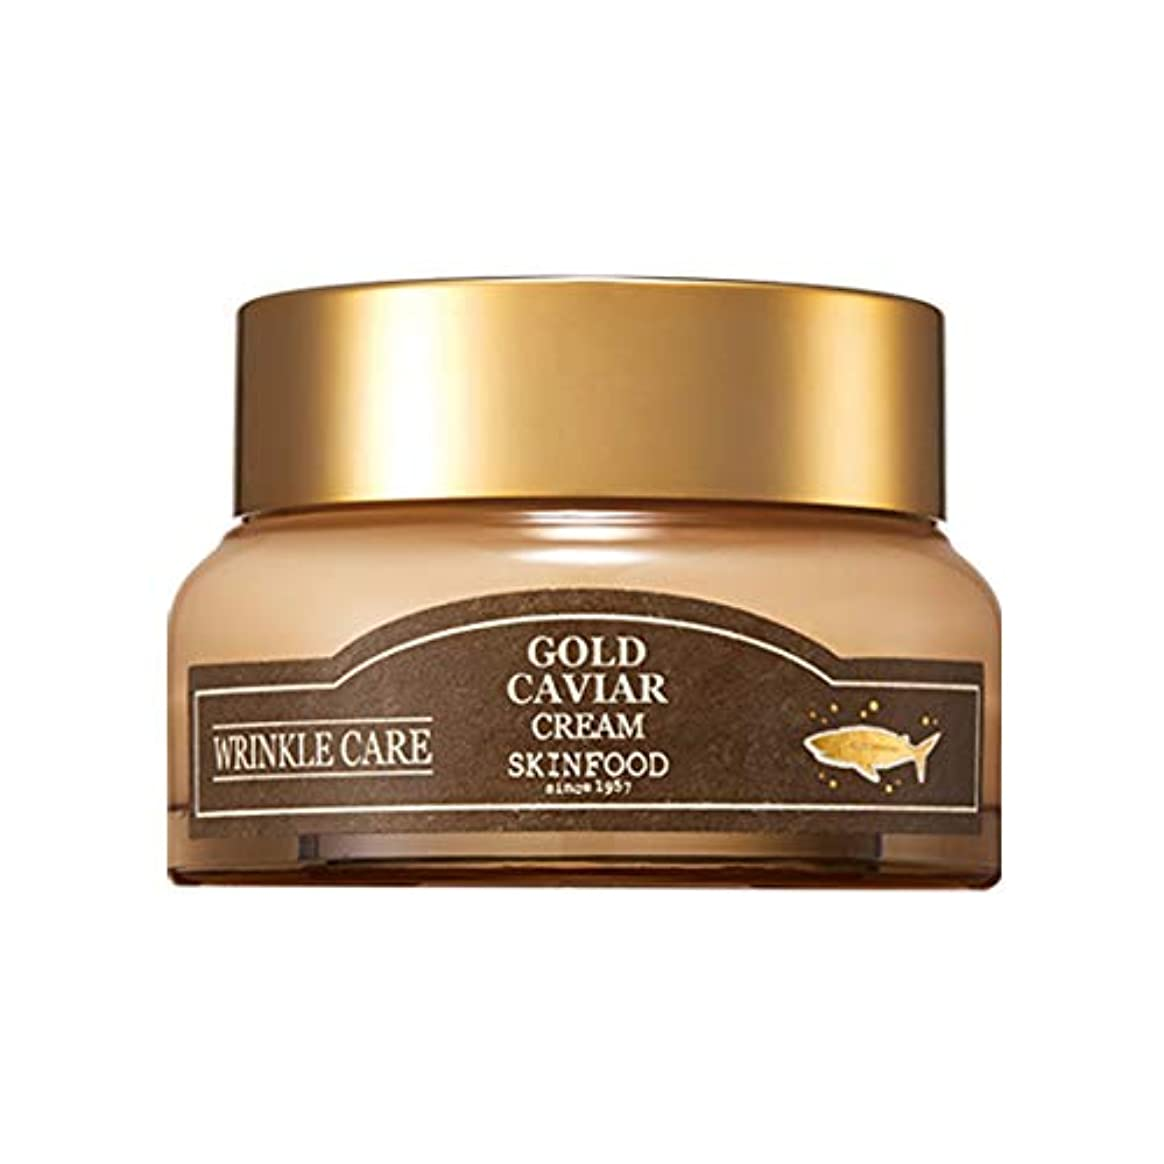 地獄高齢者家族Skinfood ゴールドキャビアクリーム[しわケア用化粧品] / Gold Caviar Cream [Cosmeceutical for wrinkle care] 54ml [並行輸入品]